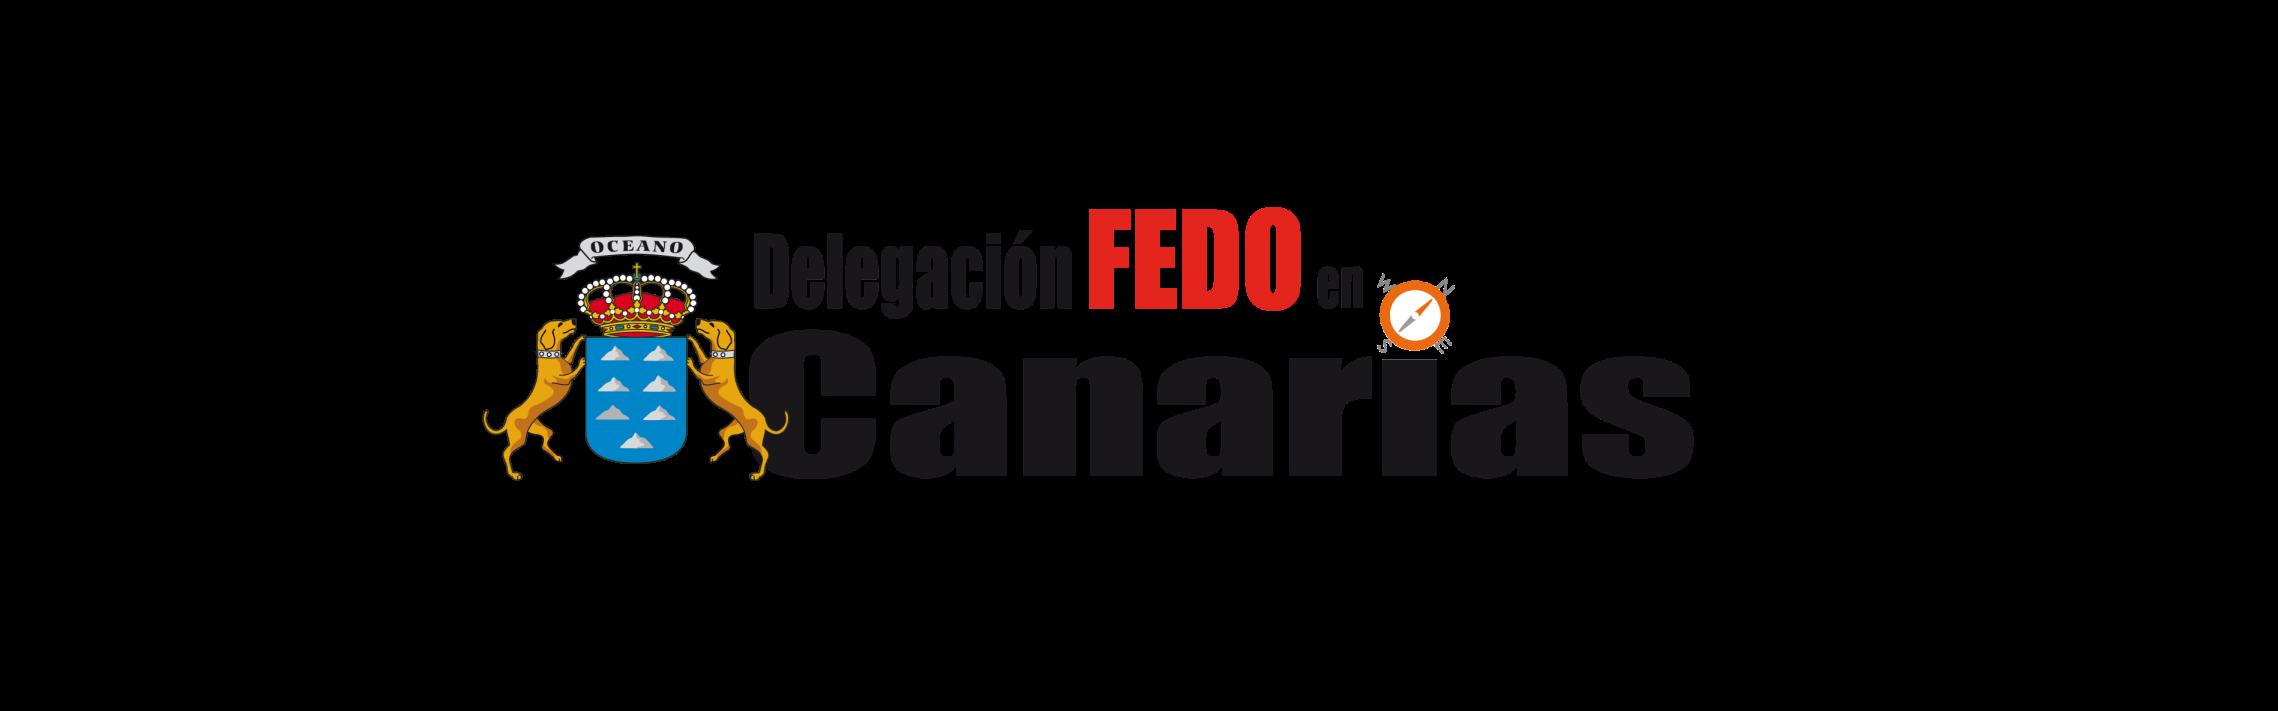 delegacion FEDO Canarias Orientacion Canarias - orientacion en Gran Canaria - Gran Canaria O-Meeting